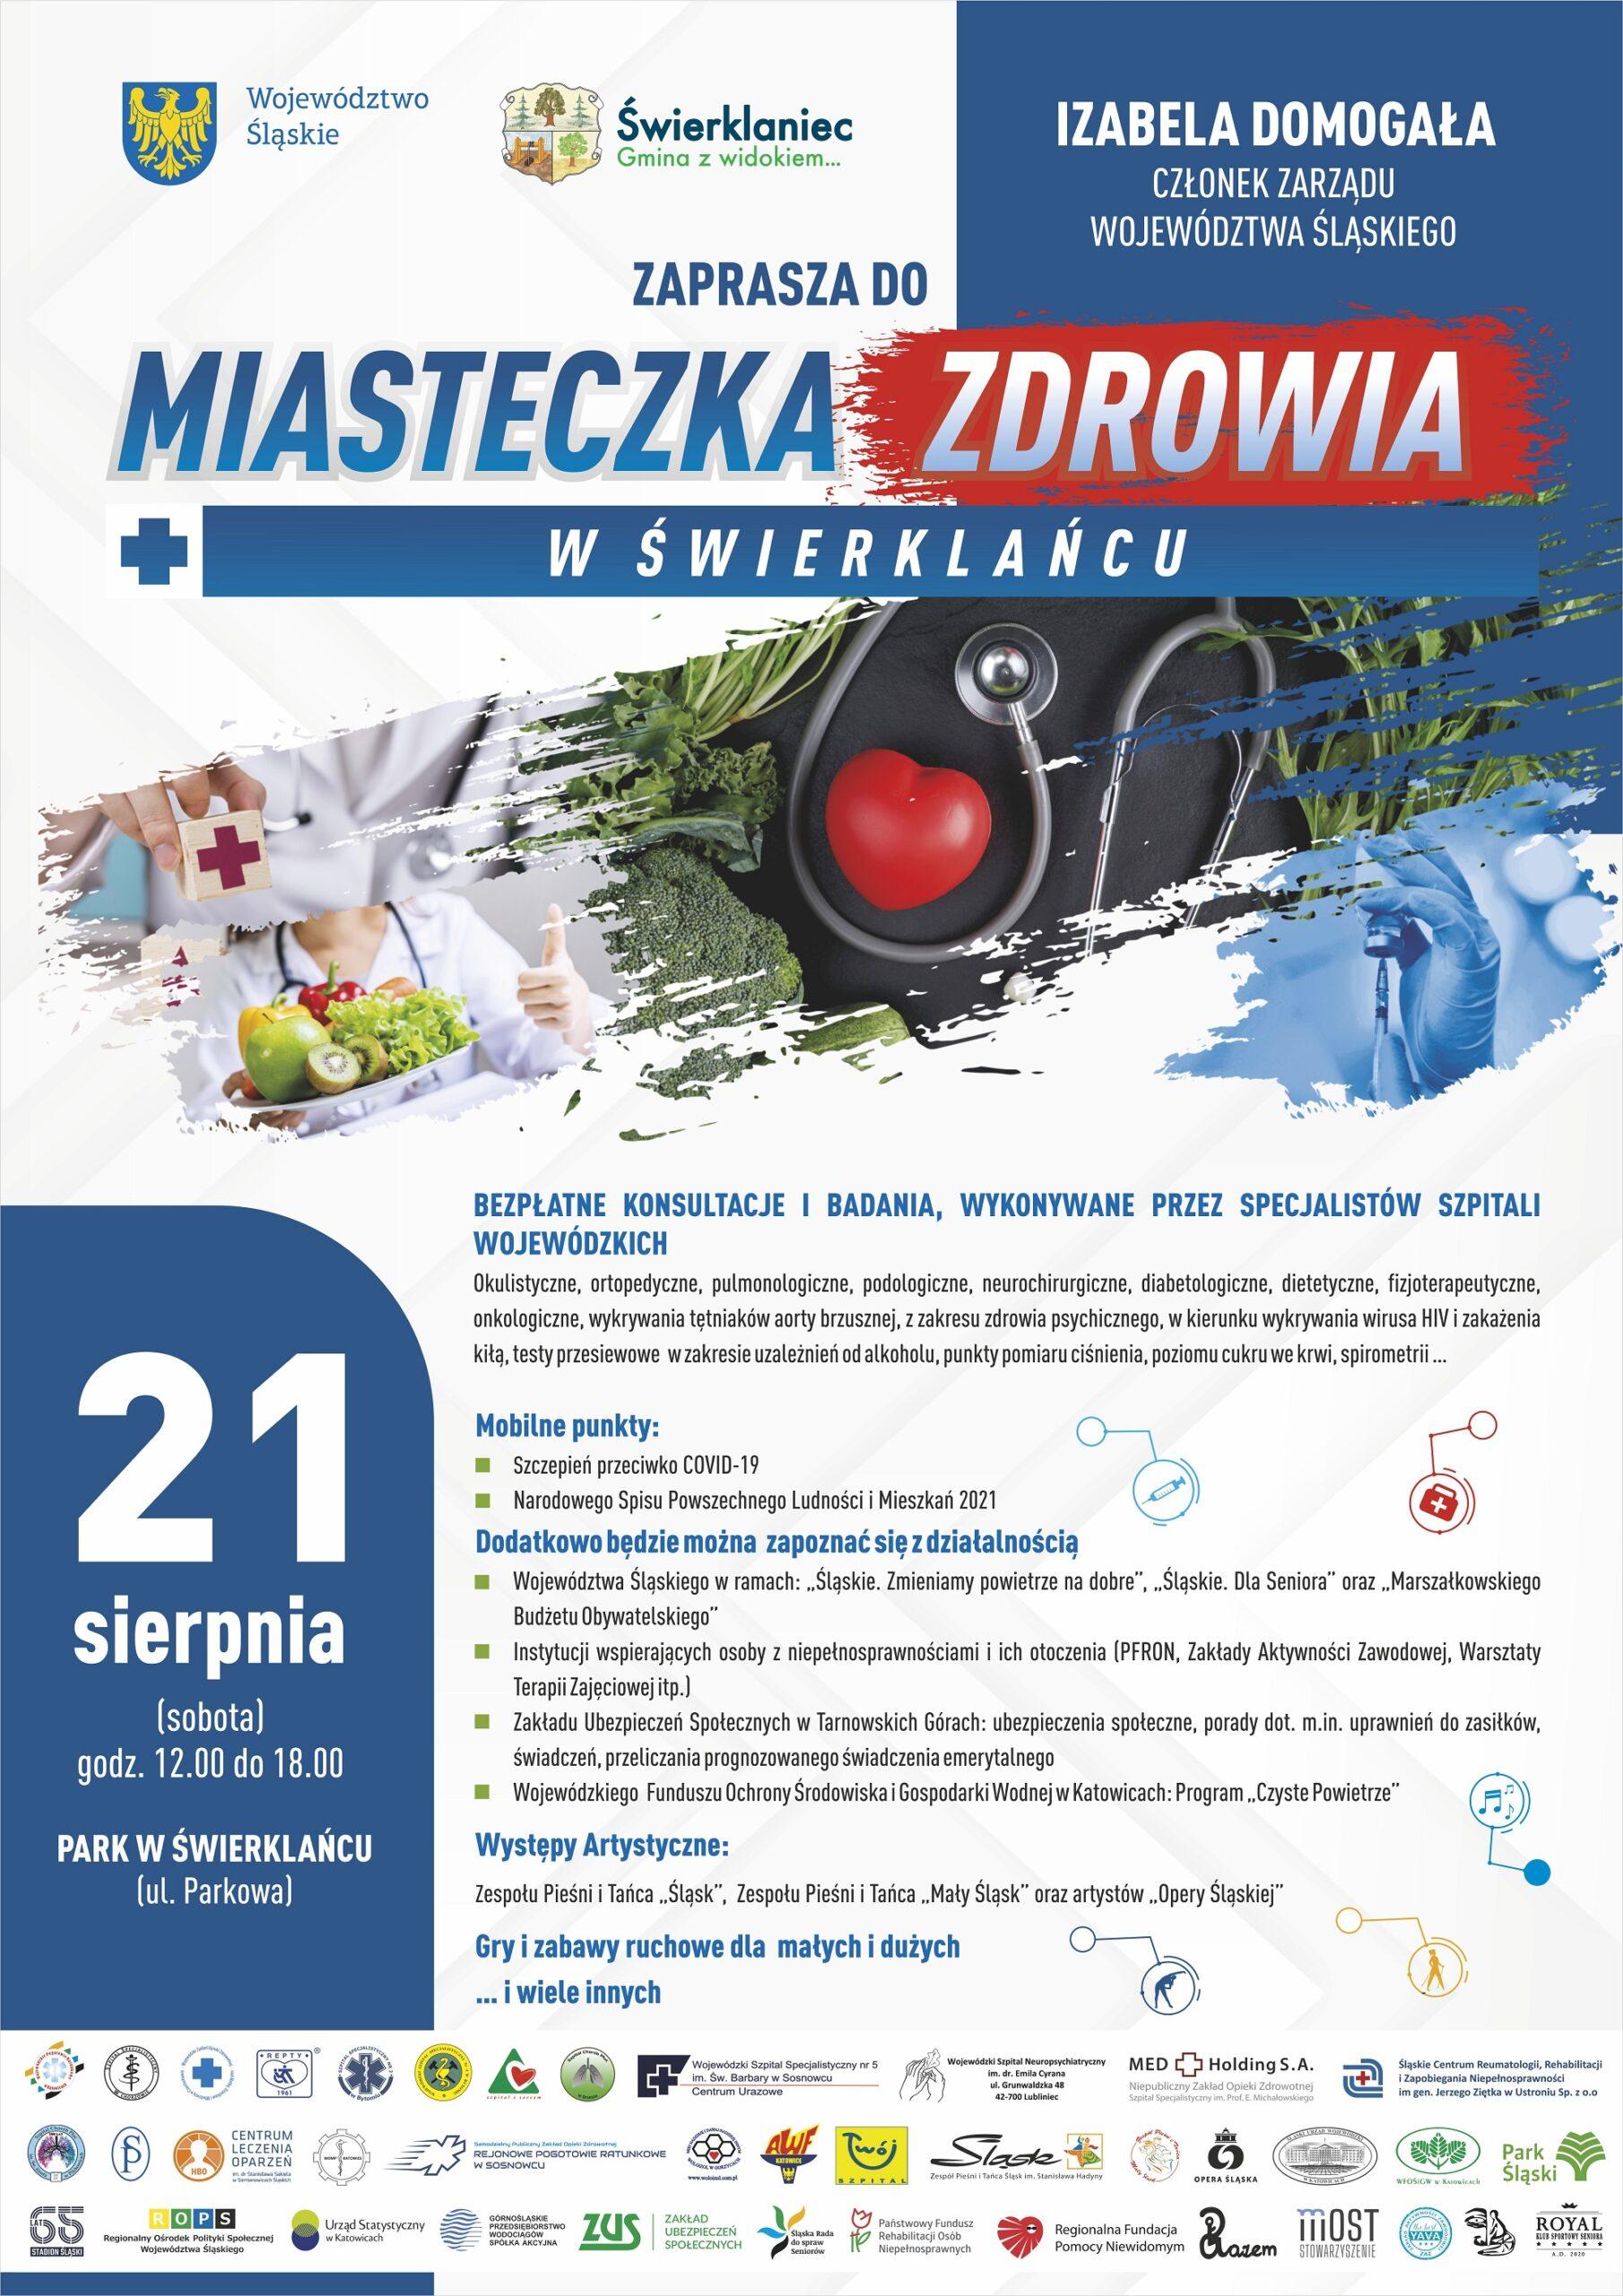 Plakat Miasteczko Zdrowia wŚwierklańcu